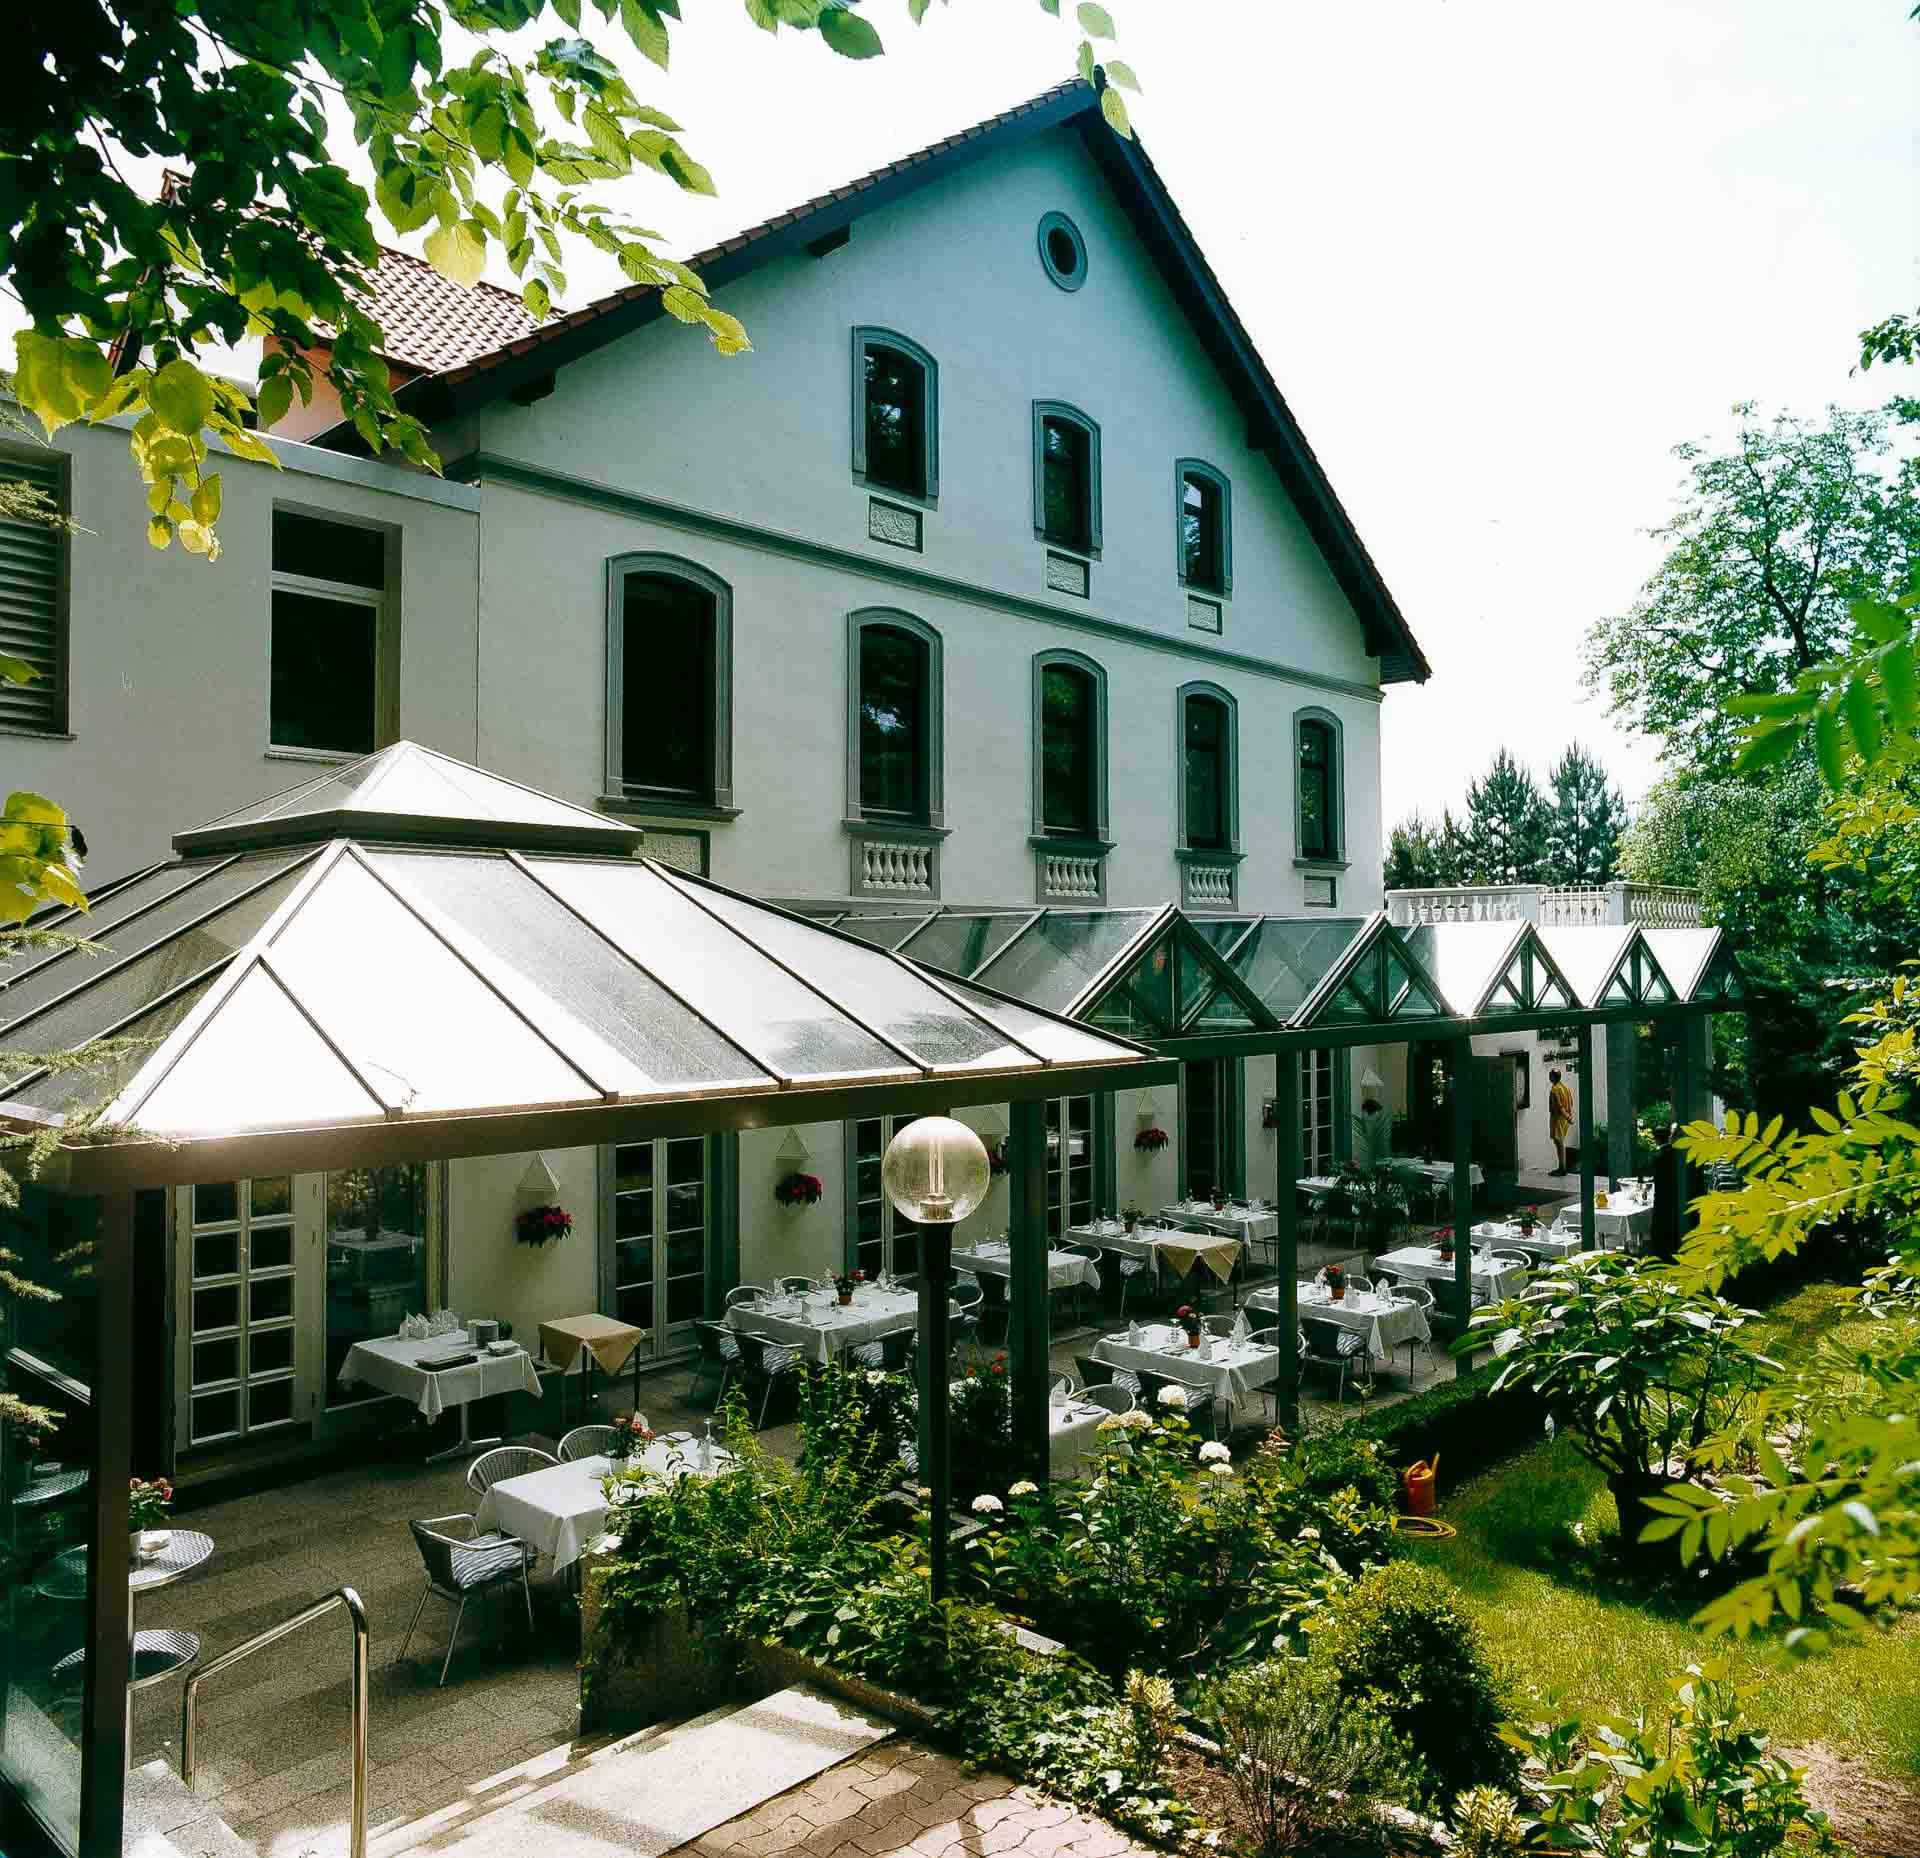 Überdachung schützt die Außengastronomie des Hotels Benther Berg in Hannover (Objekt 770)